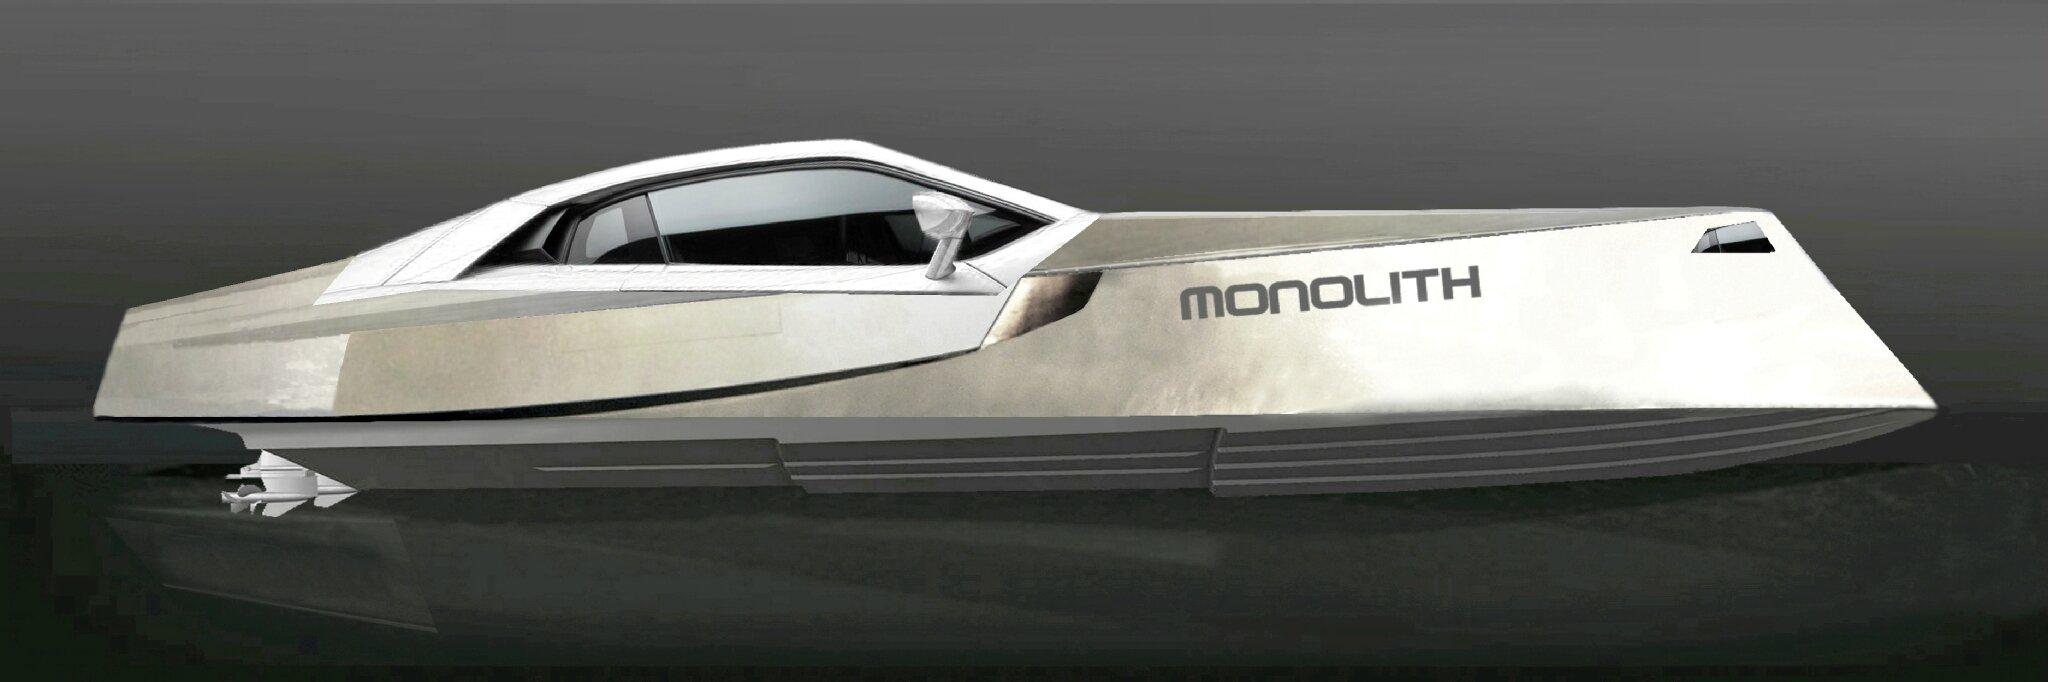 speed boat, boat design, motor boat design, motor boat concept, yacht design, yacht concept, boat designer, yacht designer, jeune designer, designer français, powerboat design, powerboat concept, offshore design